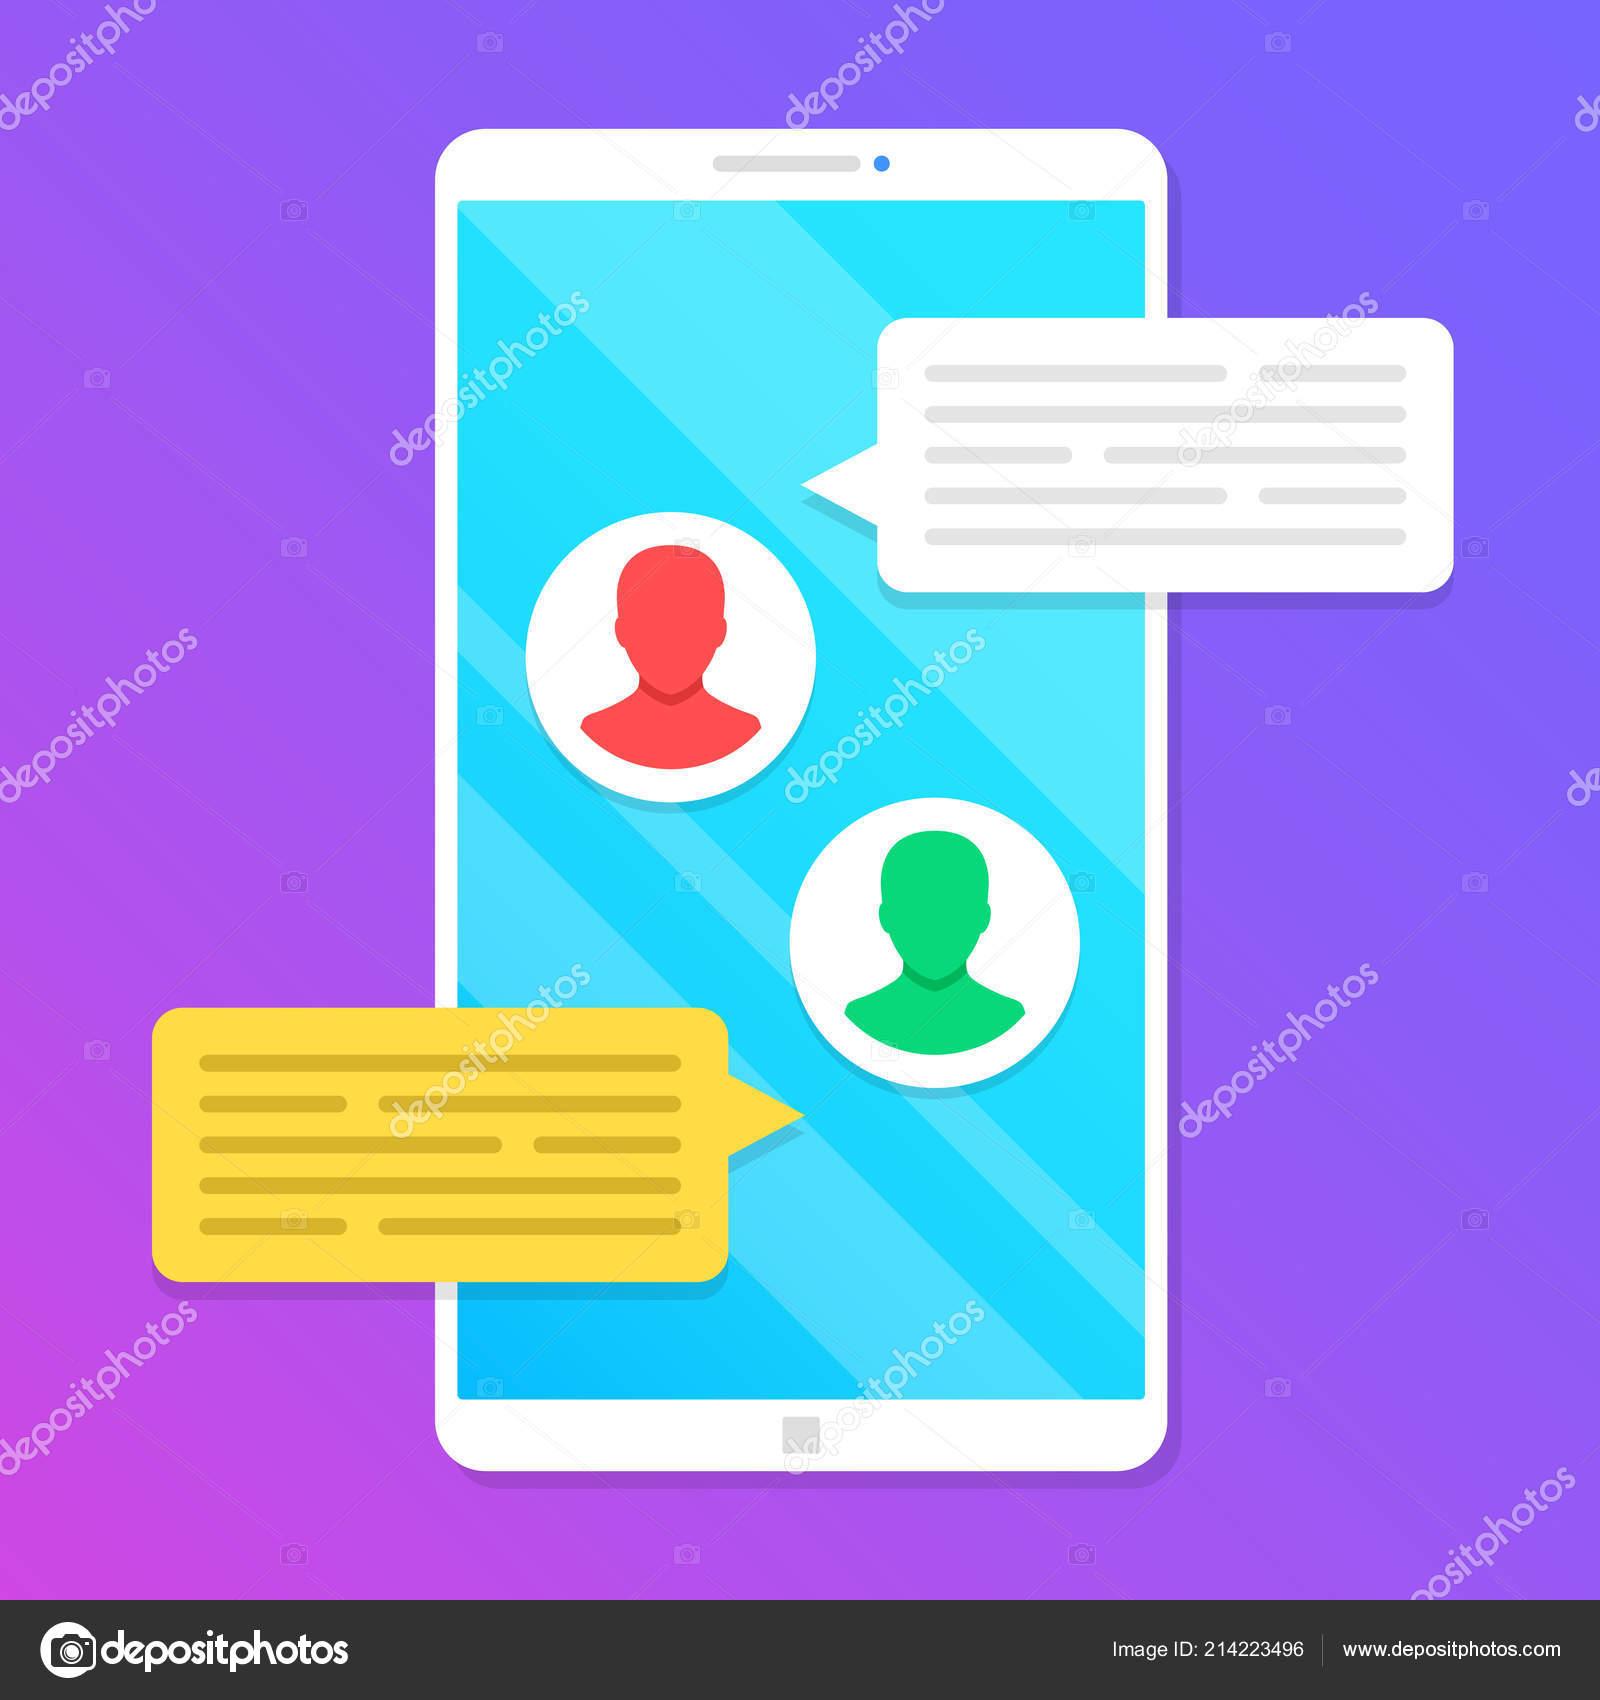 chatování app appnejlépe hodnocené seznamky zdarma 2013